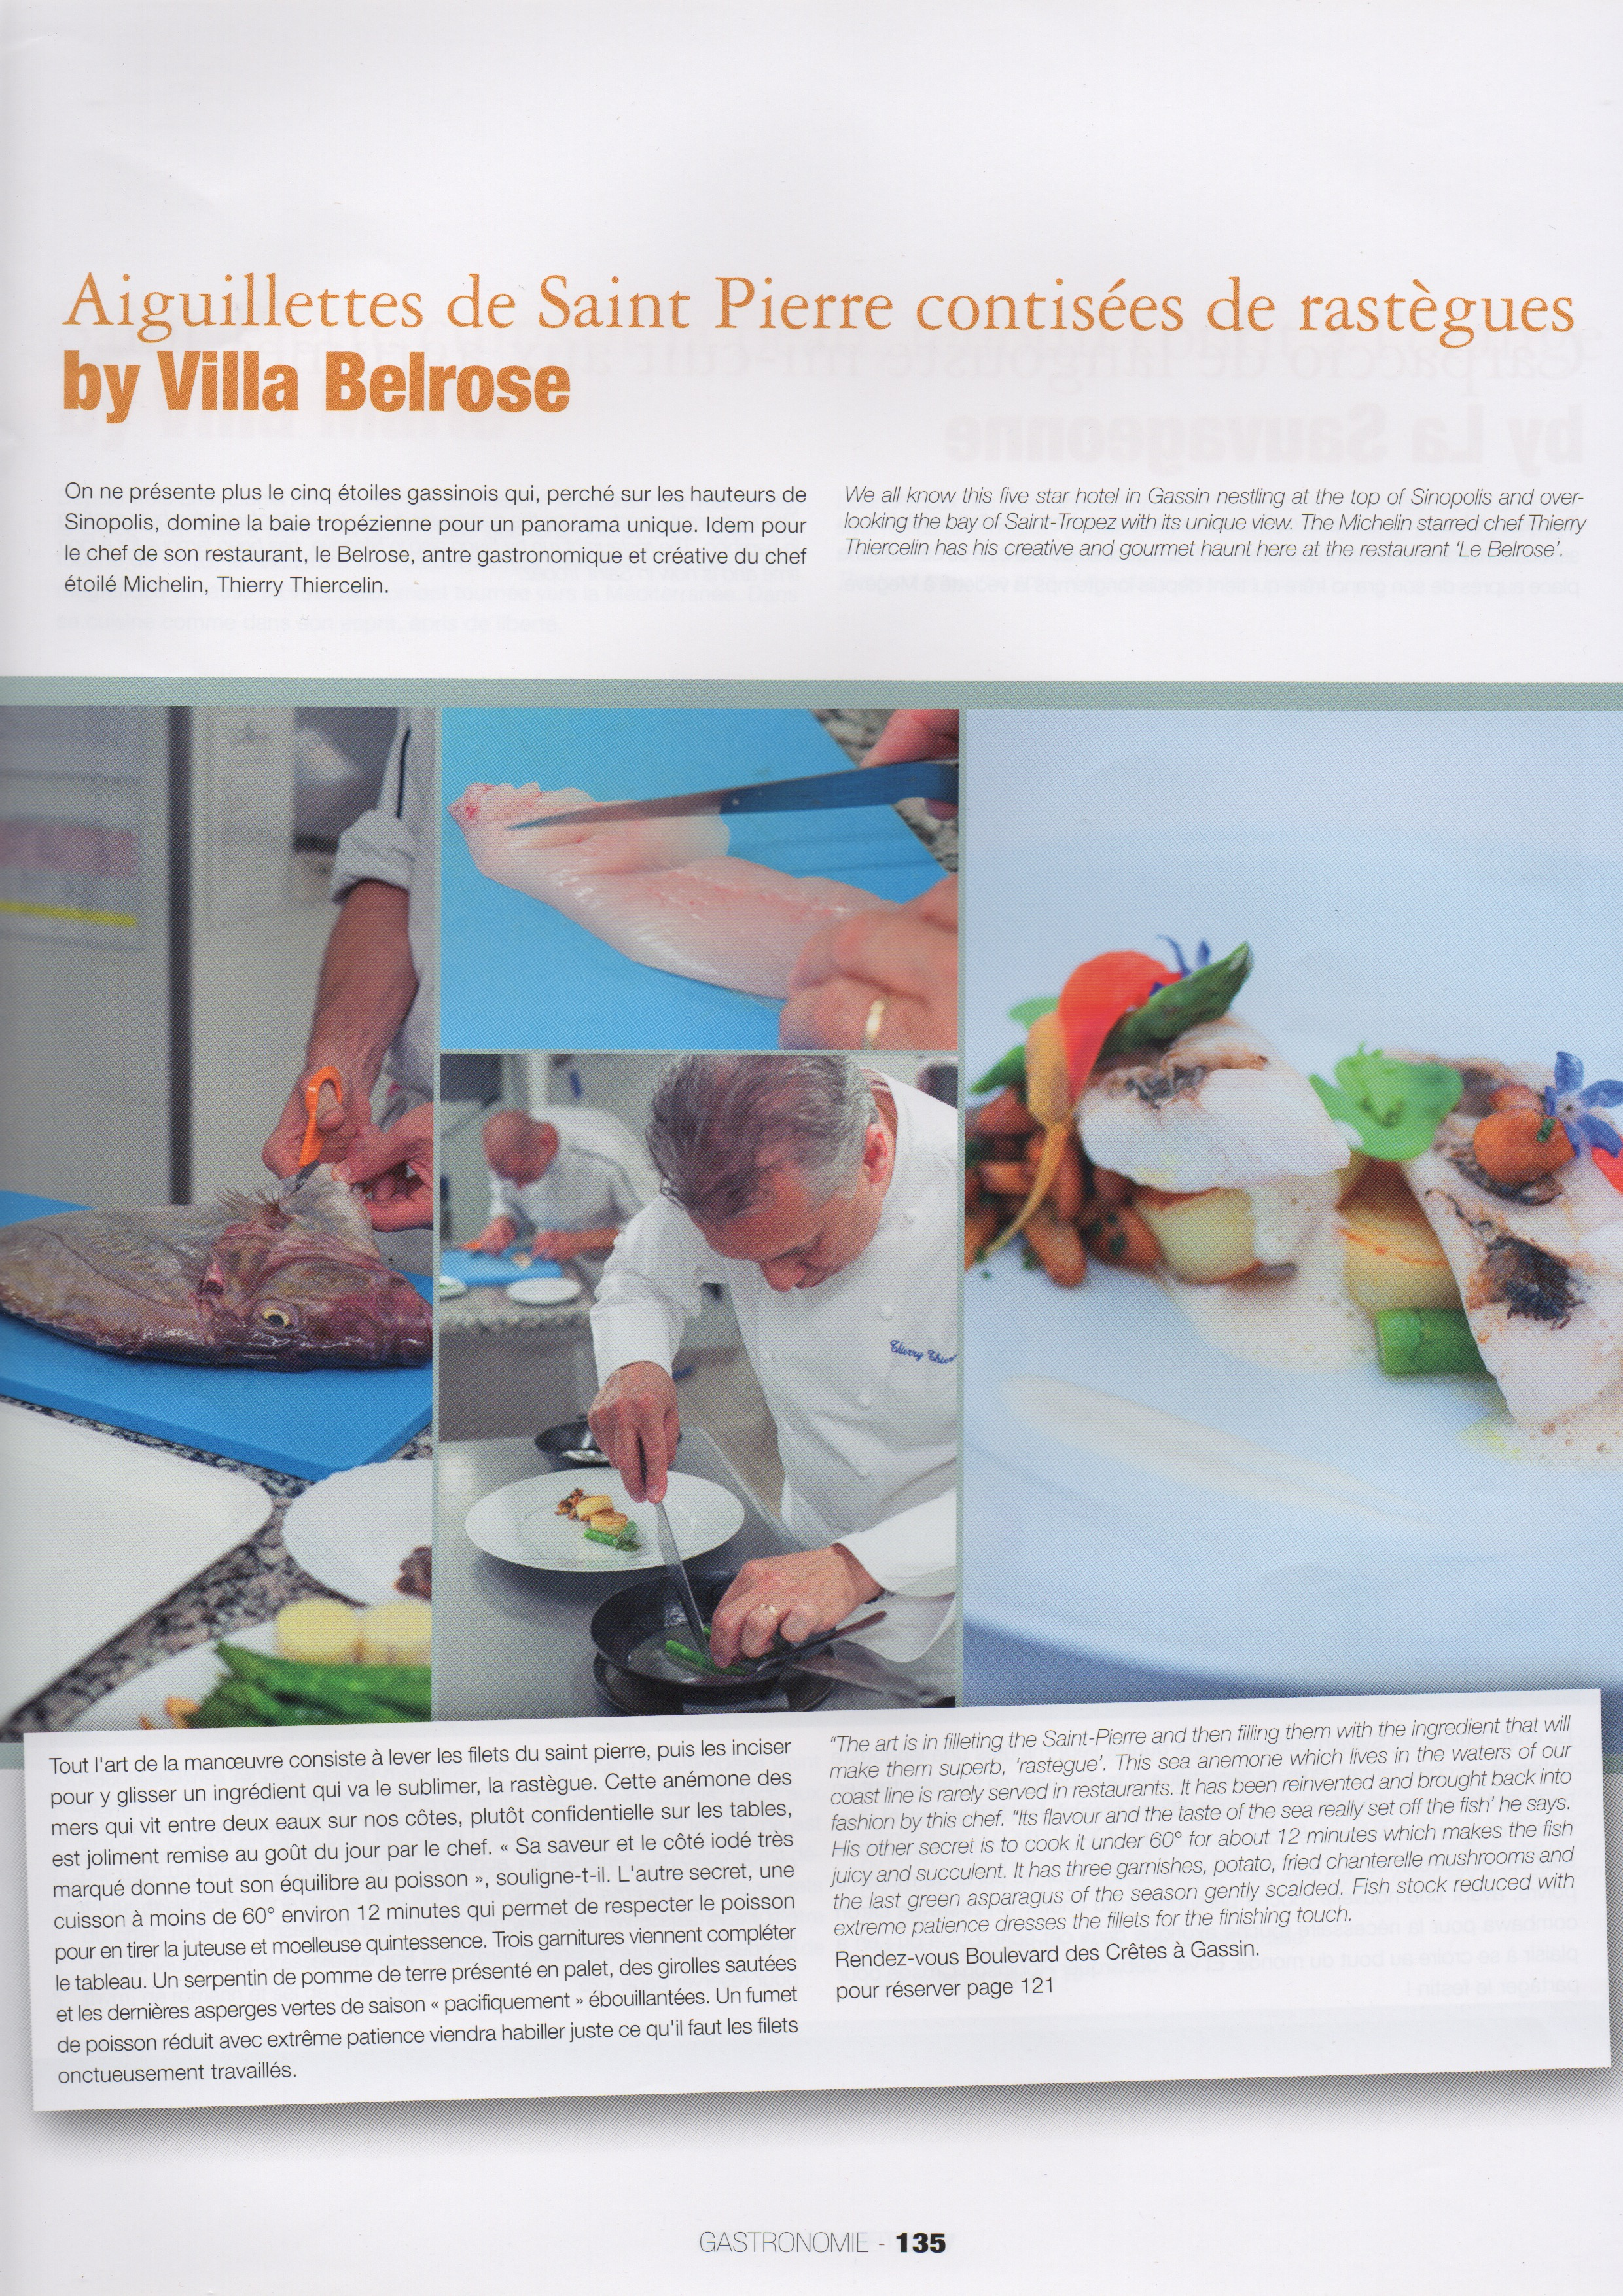 Photos culinaires prises à la Villa Belrose